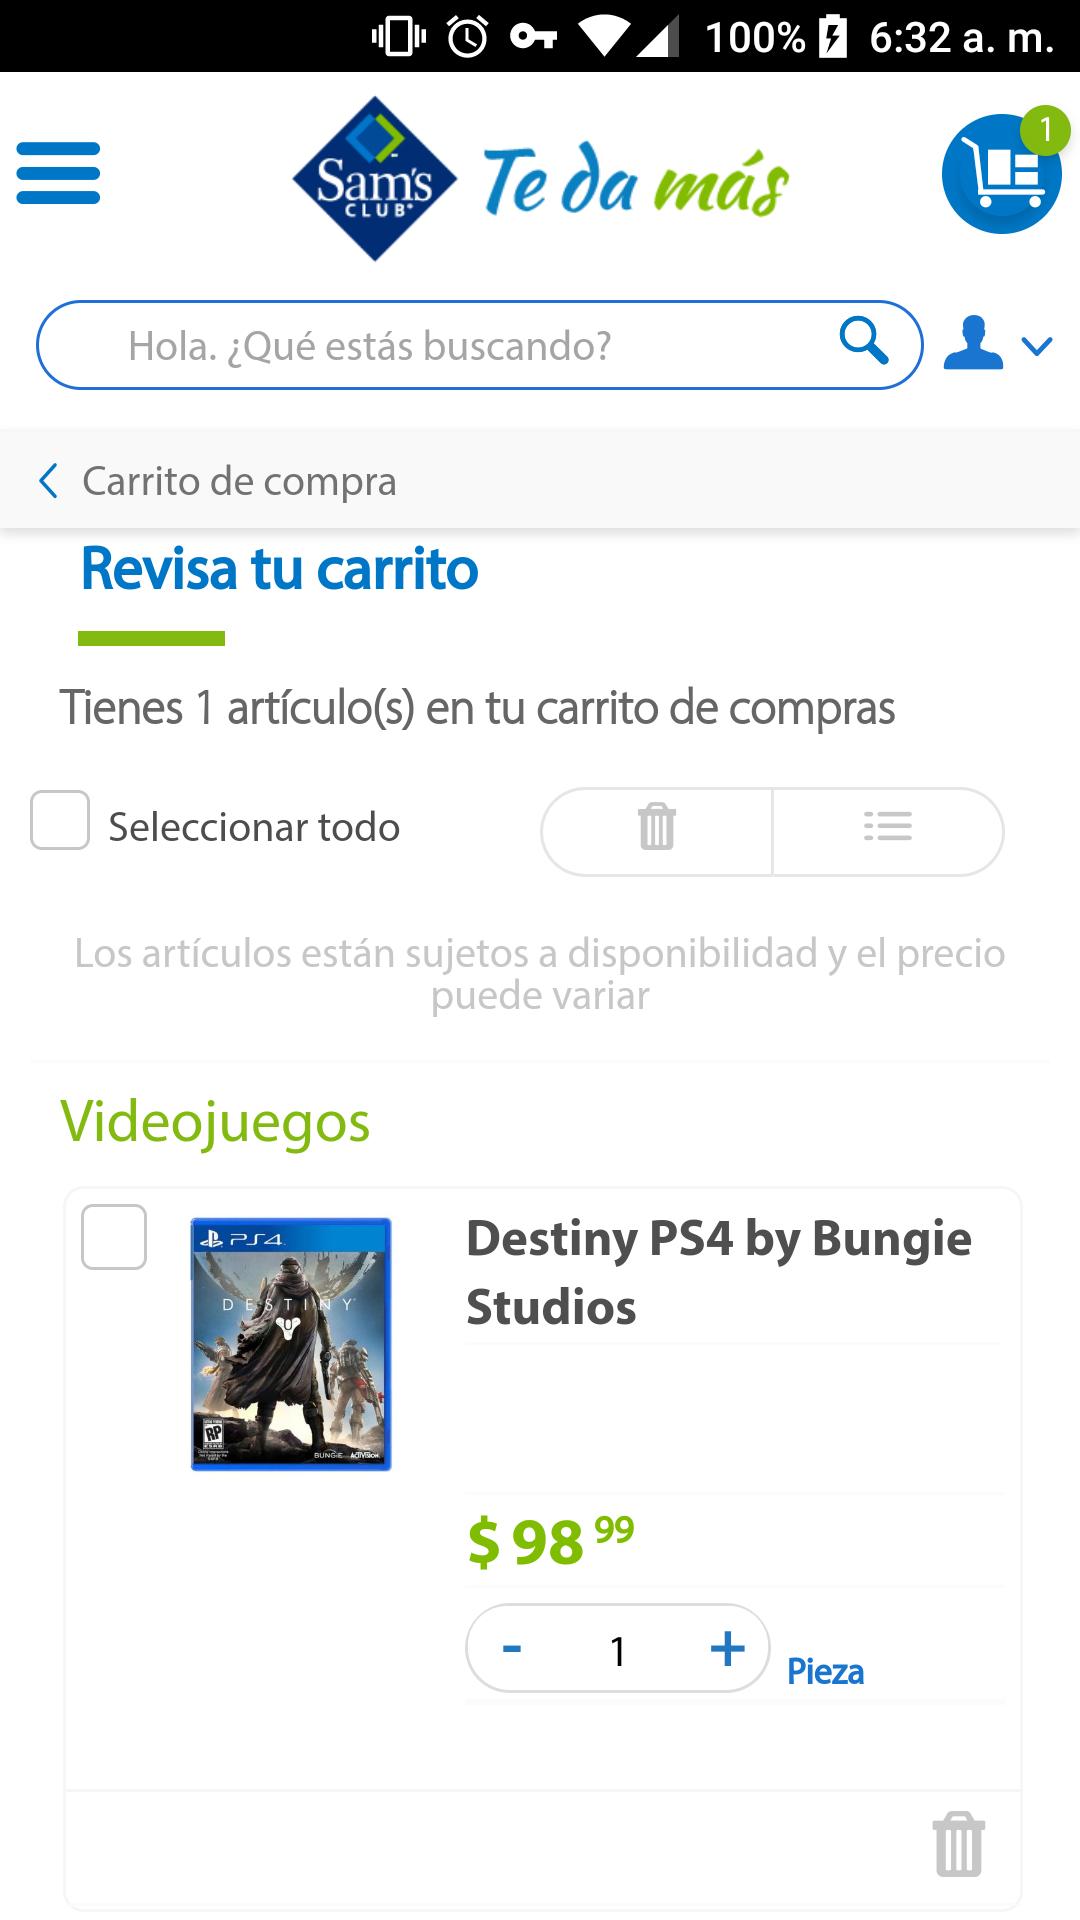 Sam's Club: Destiny PS4